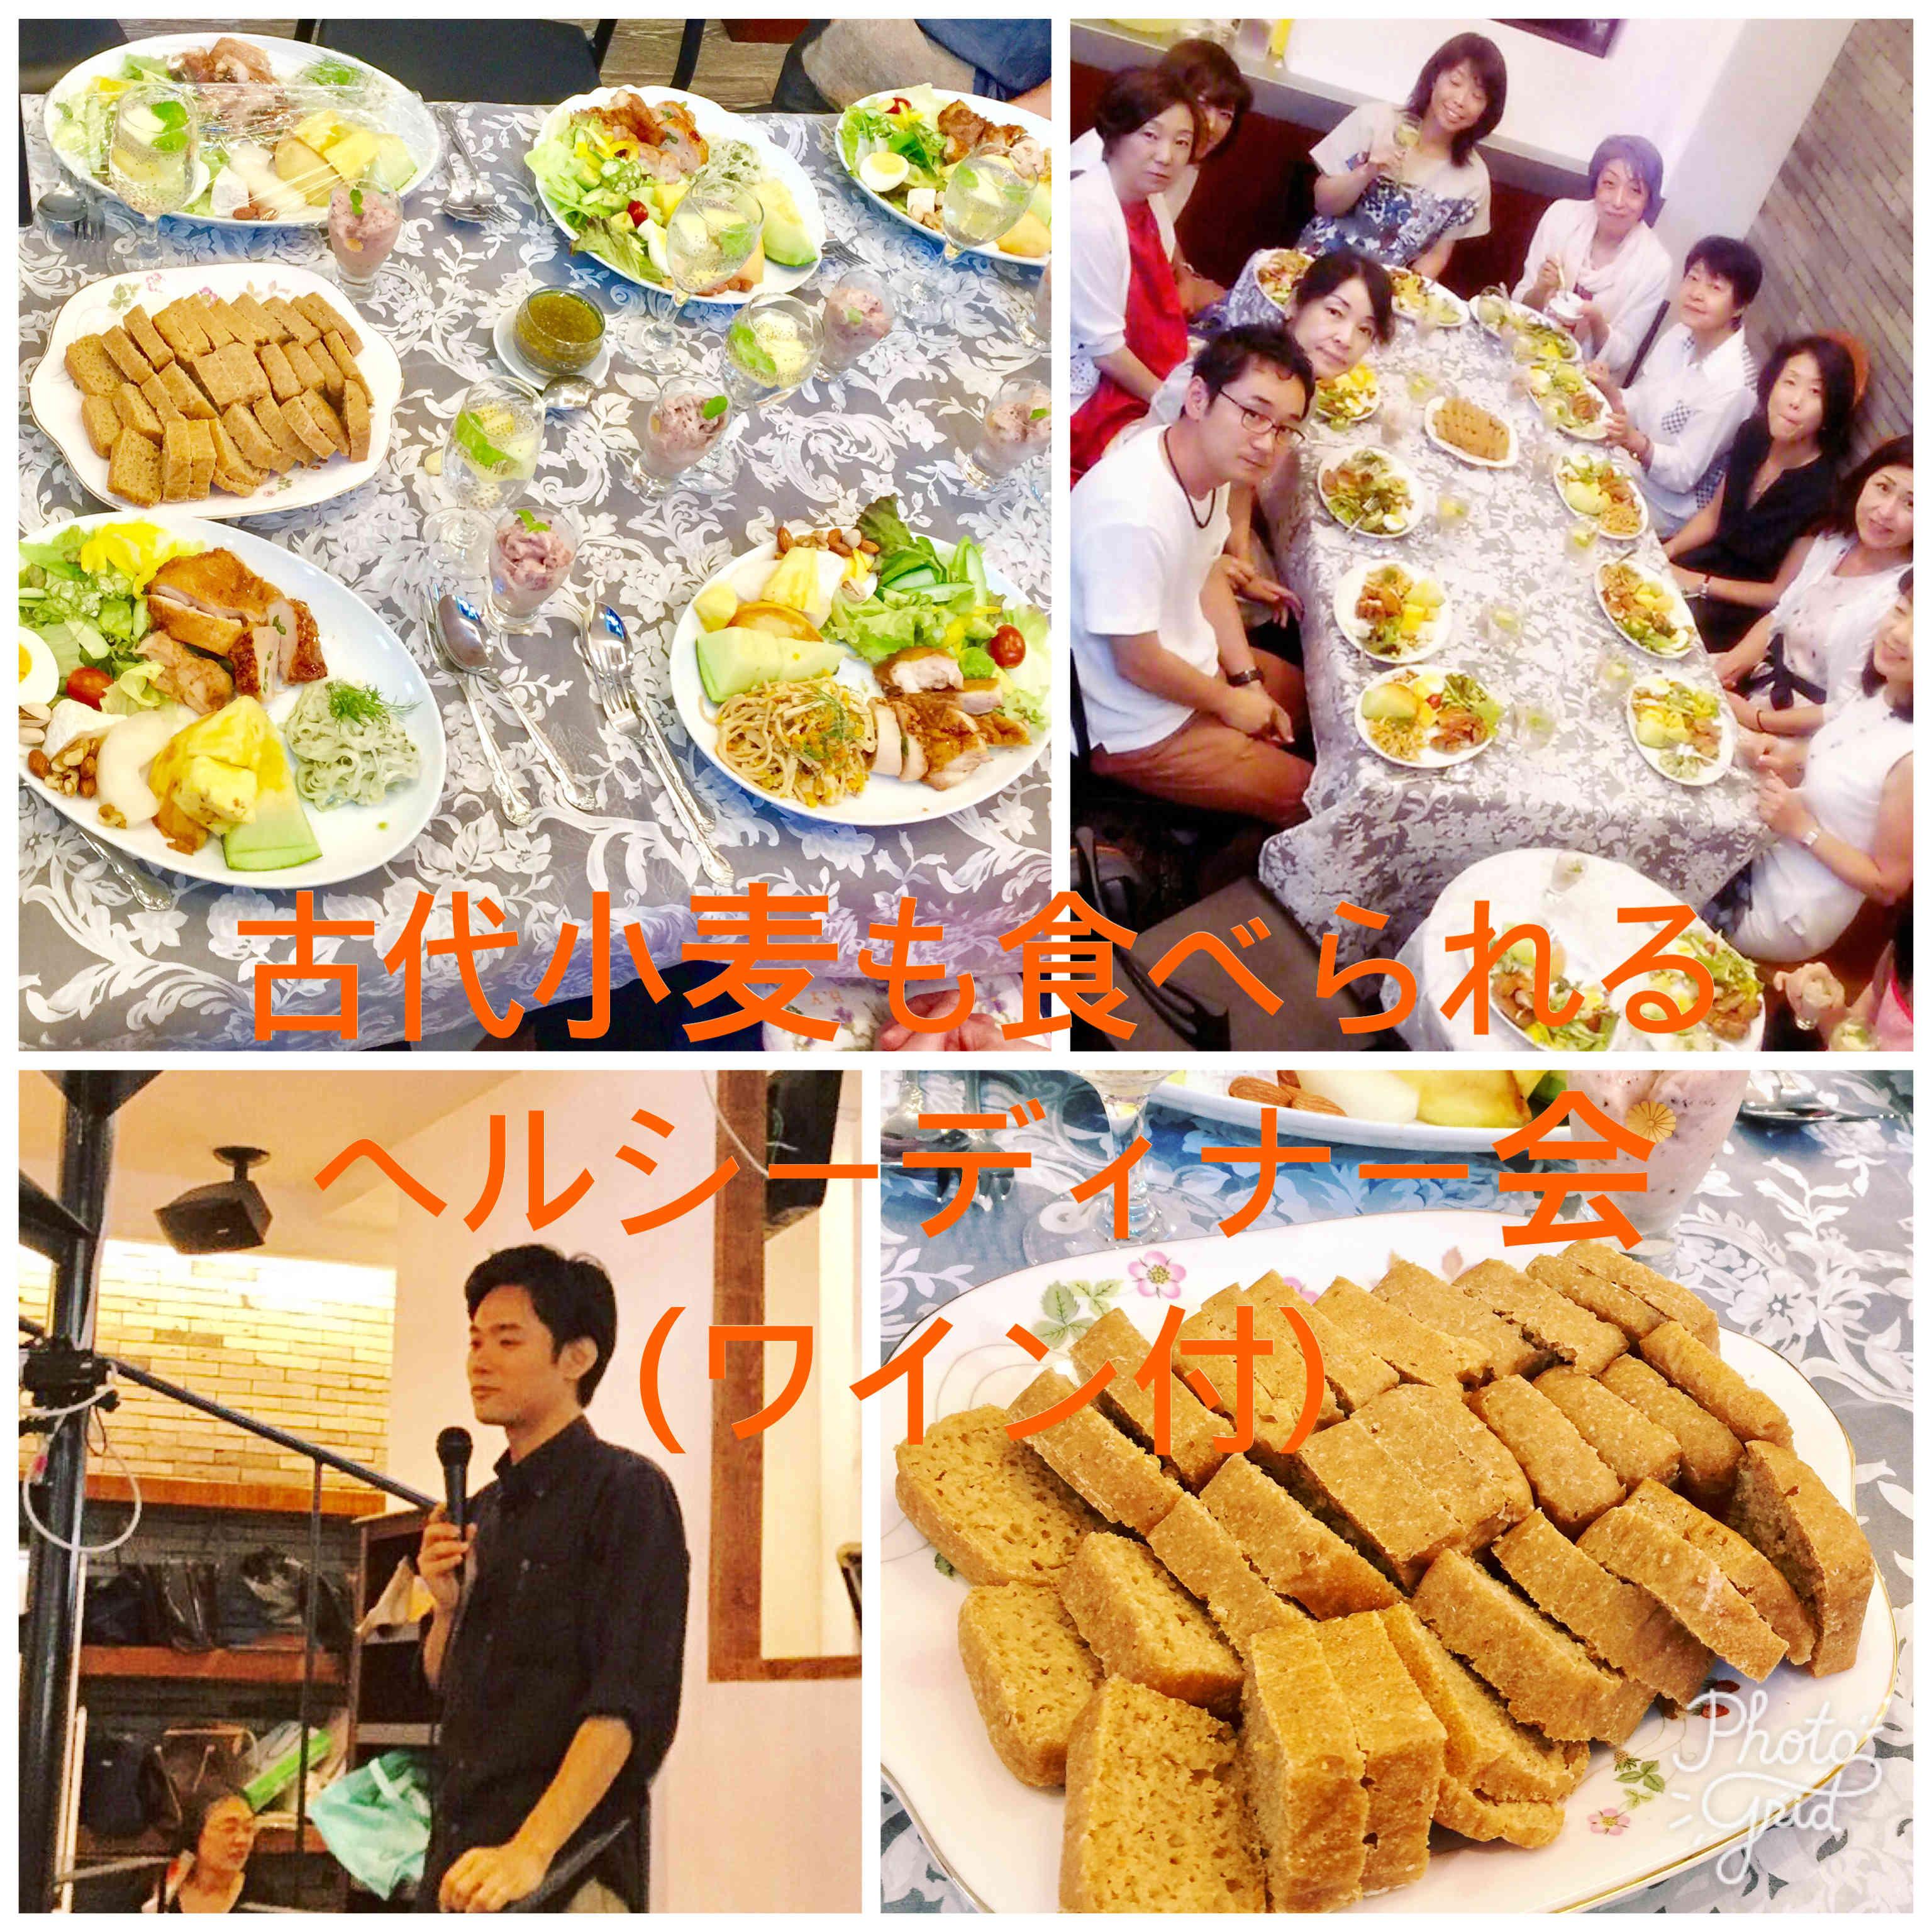 Photo 2017-08-02 12 30 41